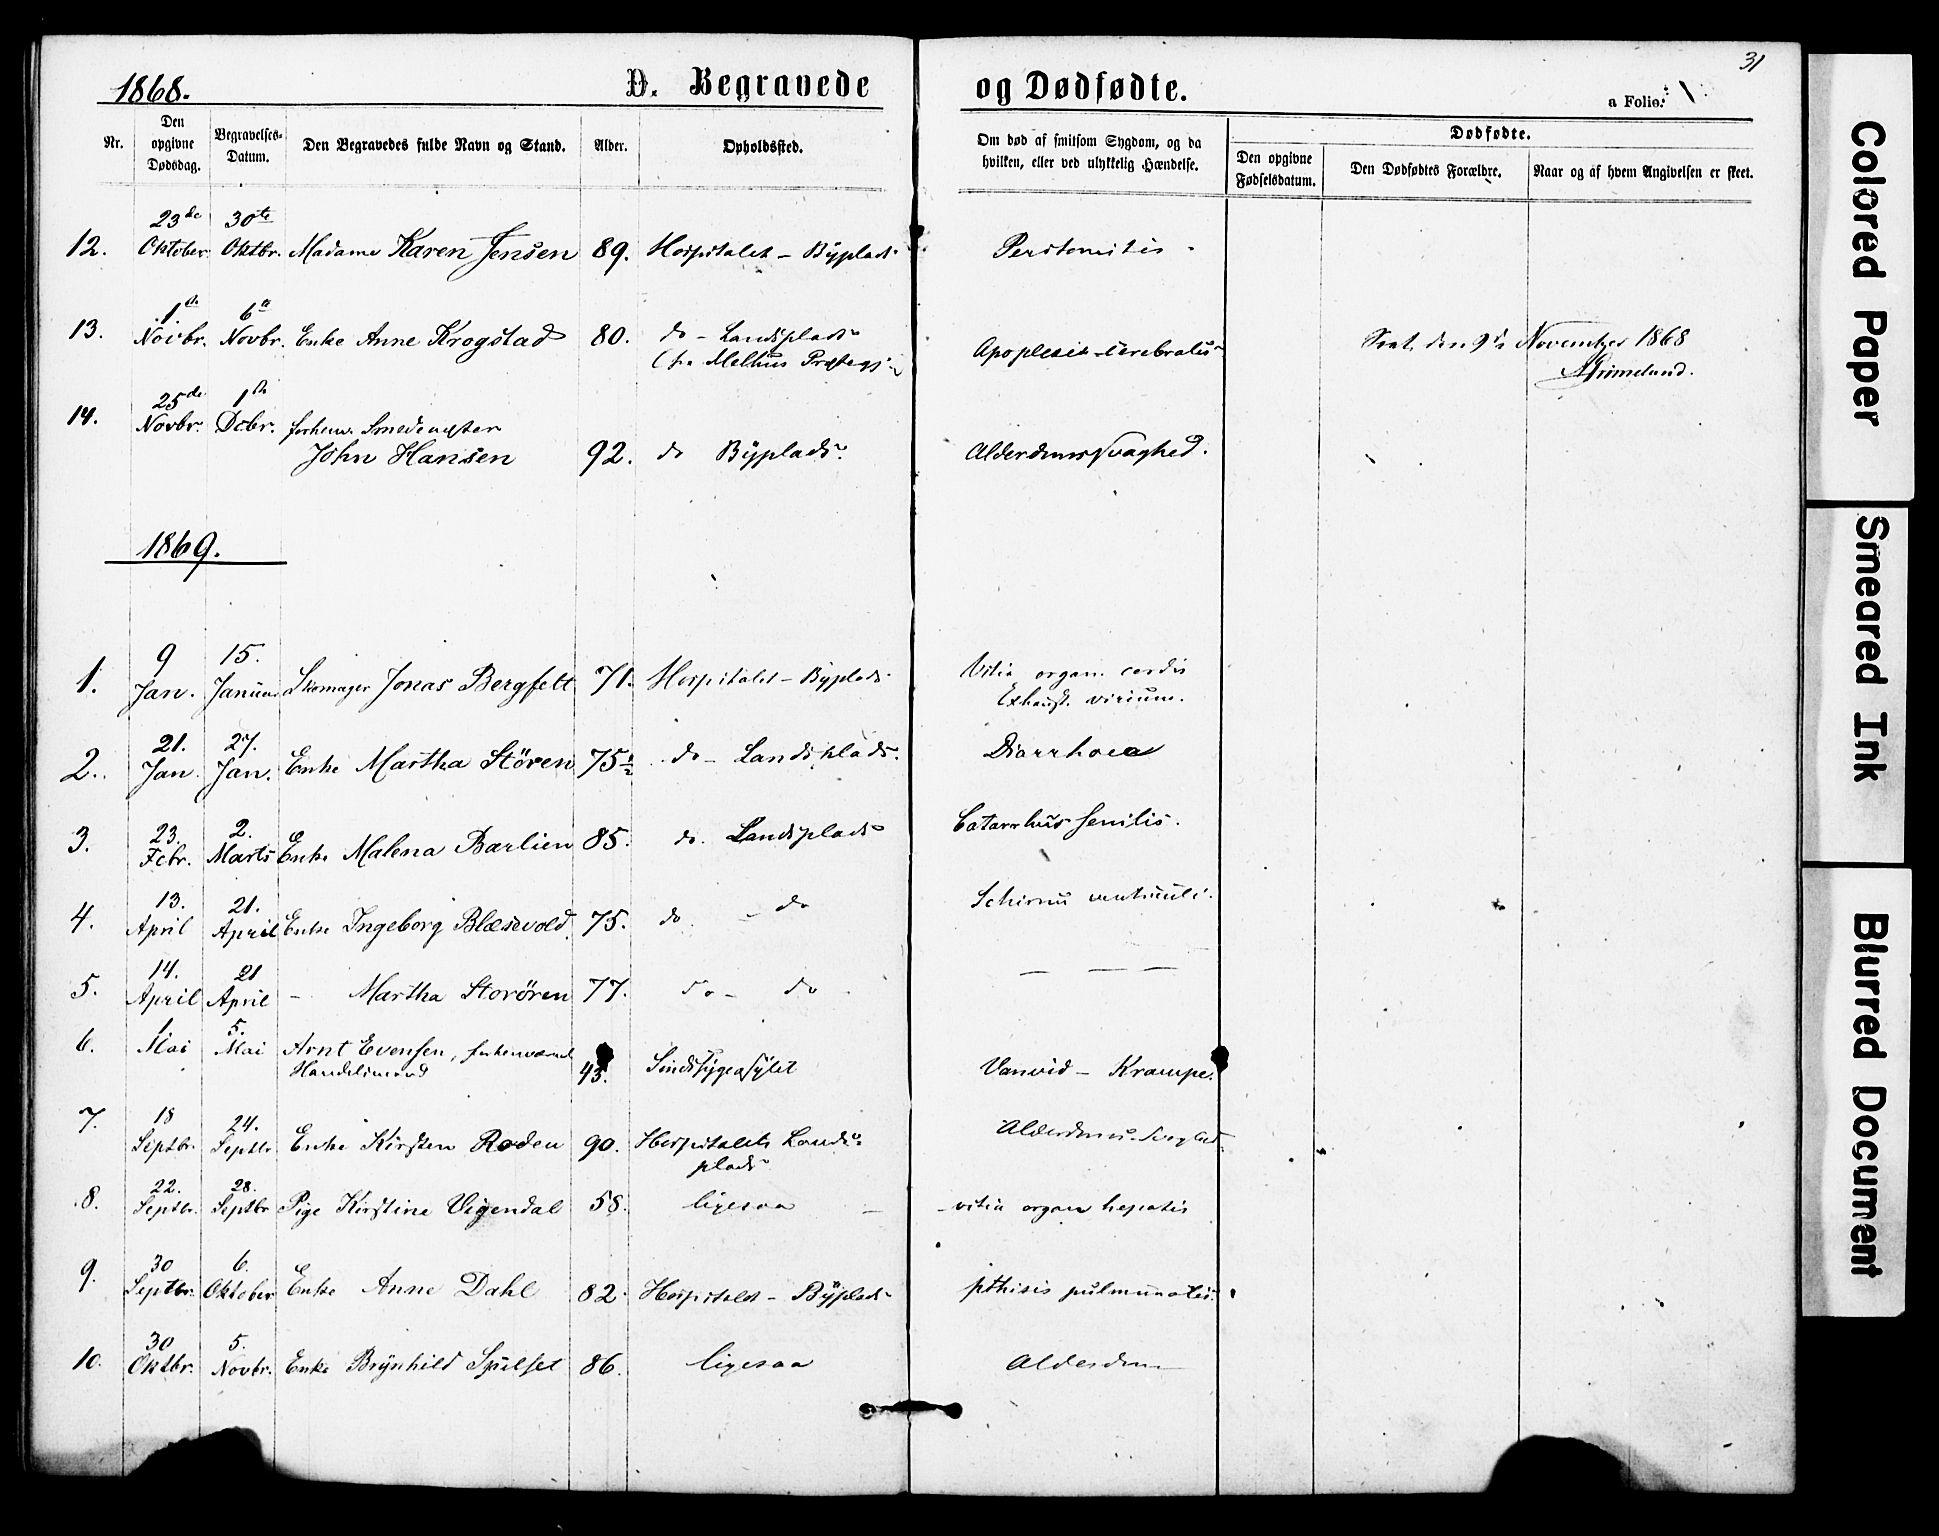 SAT, Ministerialprotokoller, klokkerbøker og fødselsregistre - Sør-Trøndelag, 623/L0469: Ministerialbok nr. 623A03, 1868-1883, s. 31